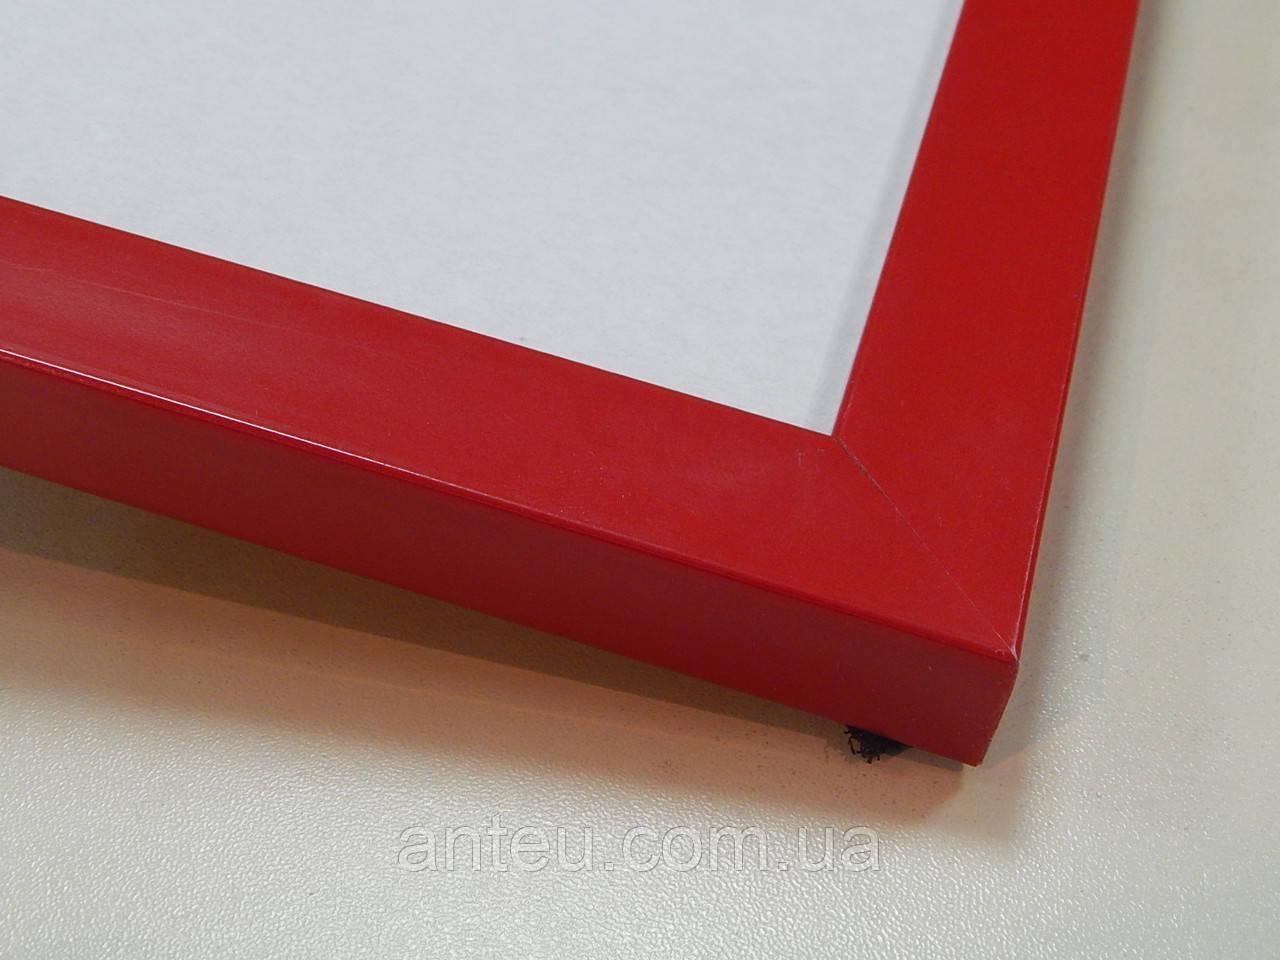 Рамка пластиковая А5 (148х210).Рамка для фото,вышивок,грамот.